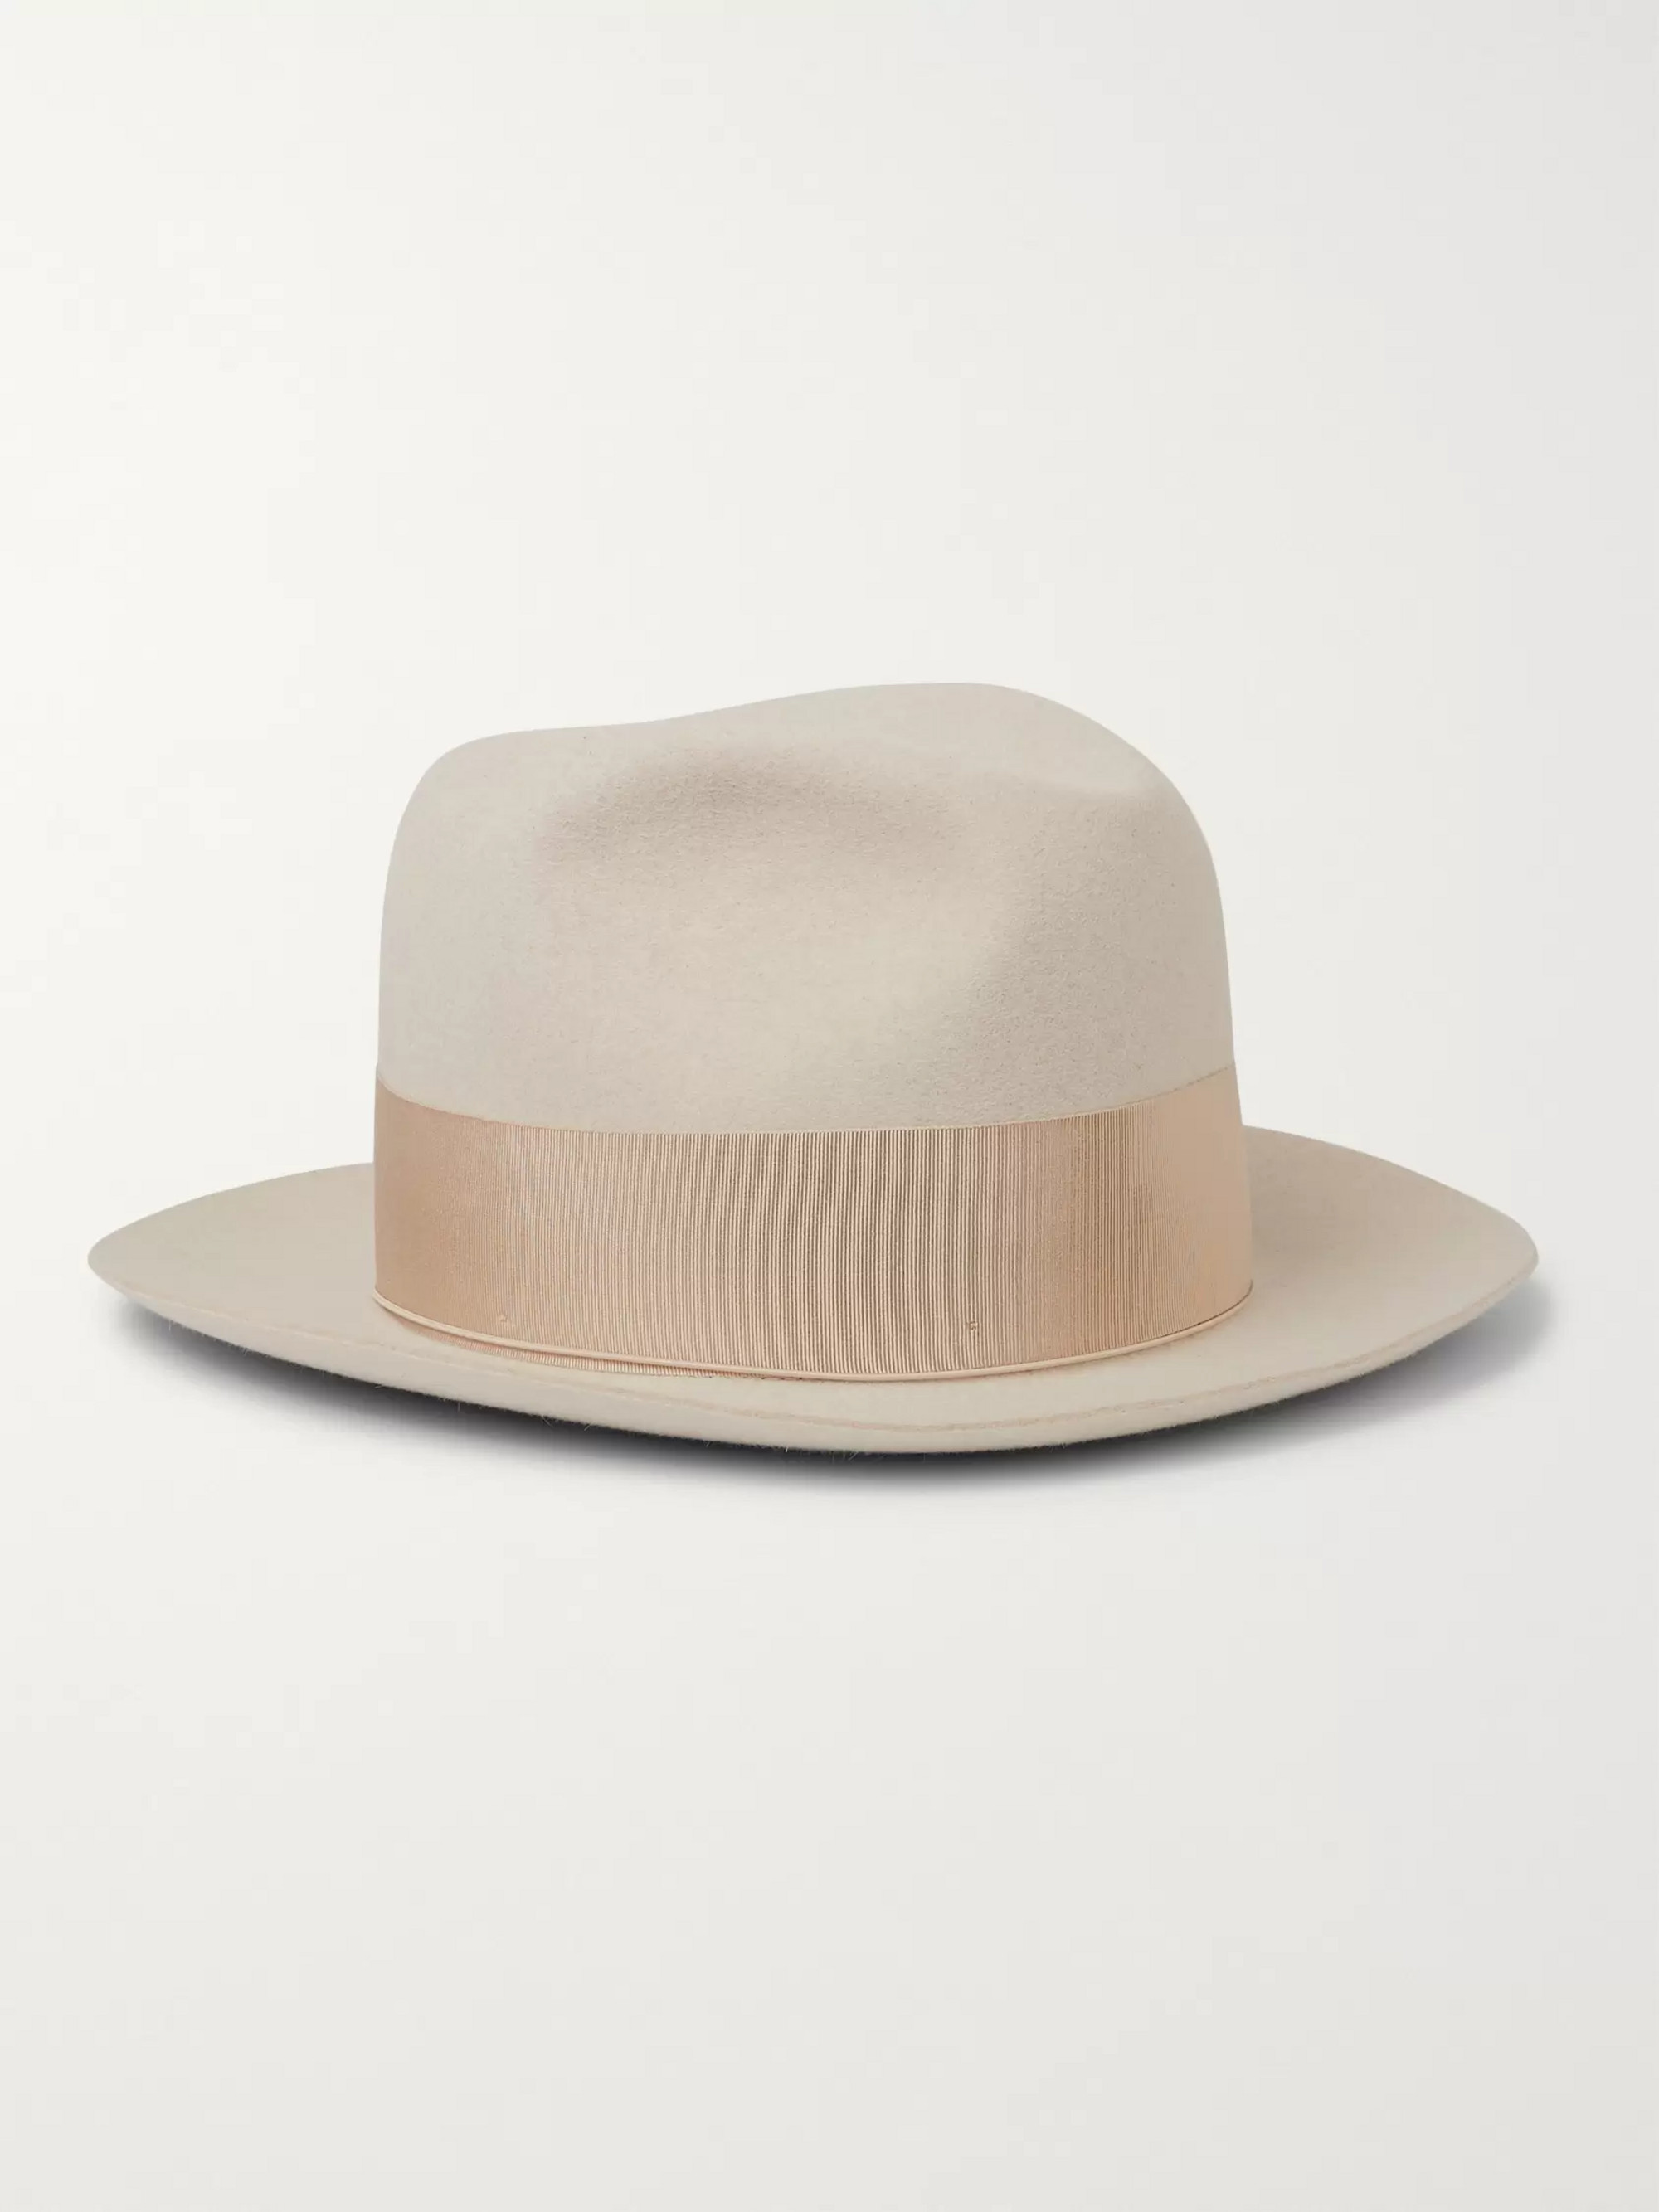 d08df84e51933 ... Straw Panama Hat. €205. Borsalino The Bogart Grosgrain-Trimmed  Rabbit-Felt Fedora